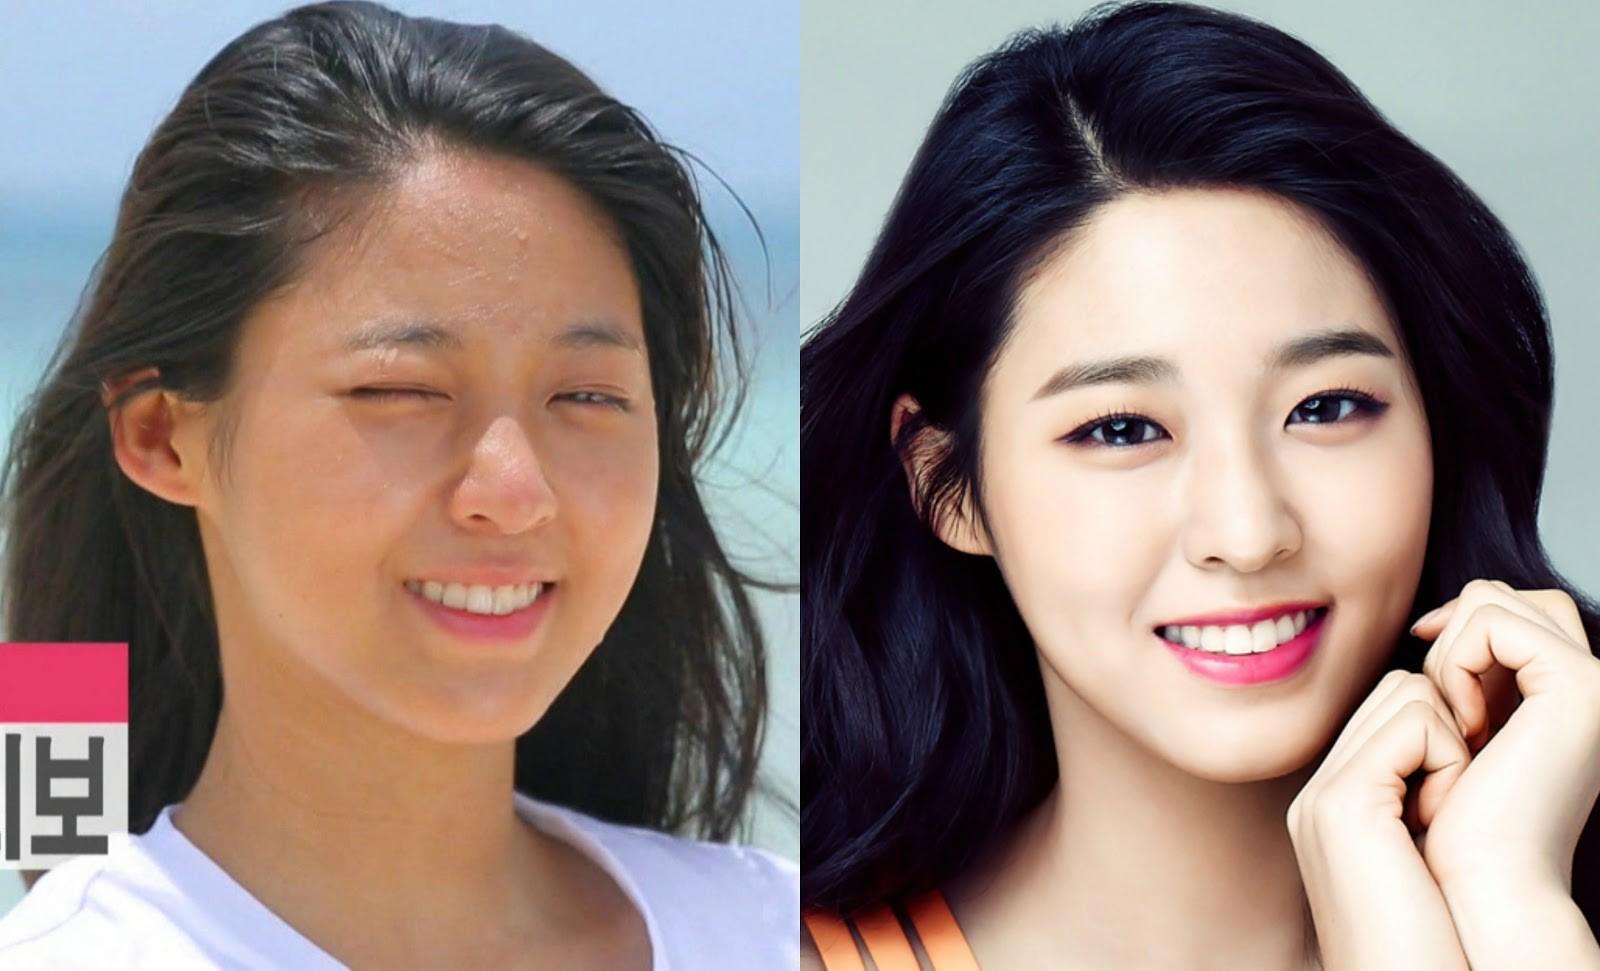 Hẳn là phải thức đêm khá nhiều và thường xuyên makeup dày thì phần trán của Seolhyun mới nhiều mụn ẩn đến như thế. May là cô chưa có nhiều nếp nhăn ...